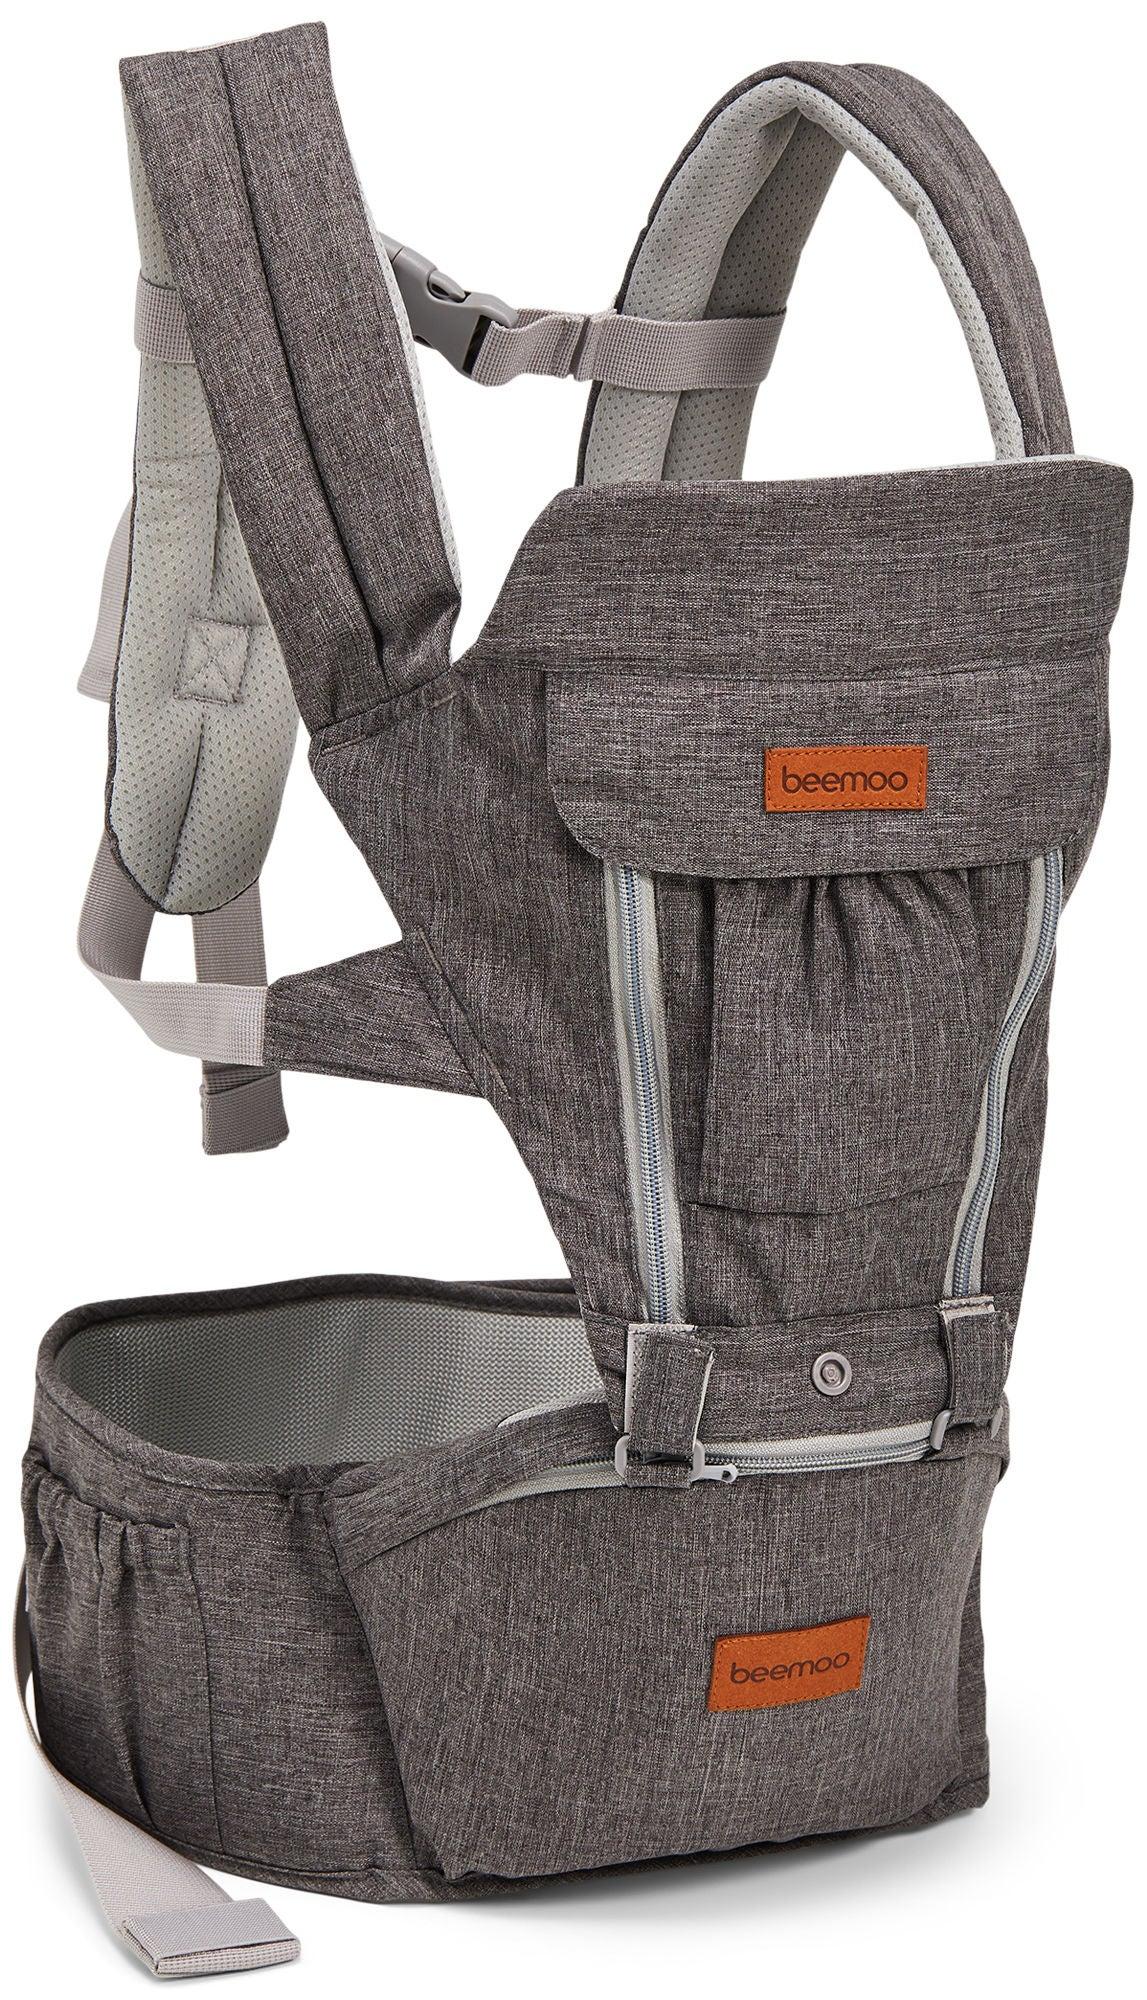 Beemoo Carry Comfort Adjust, Grey